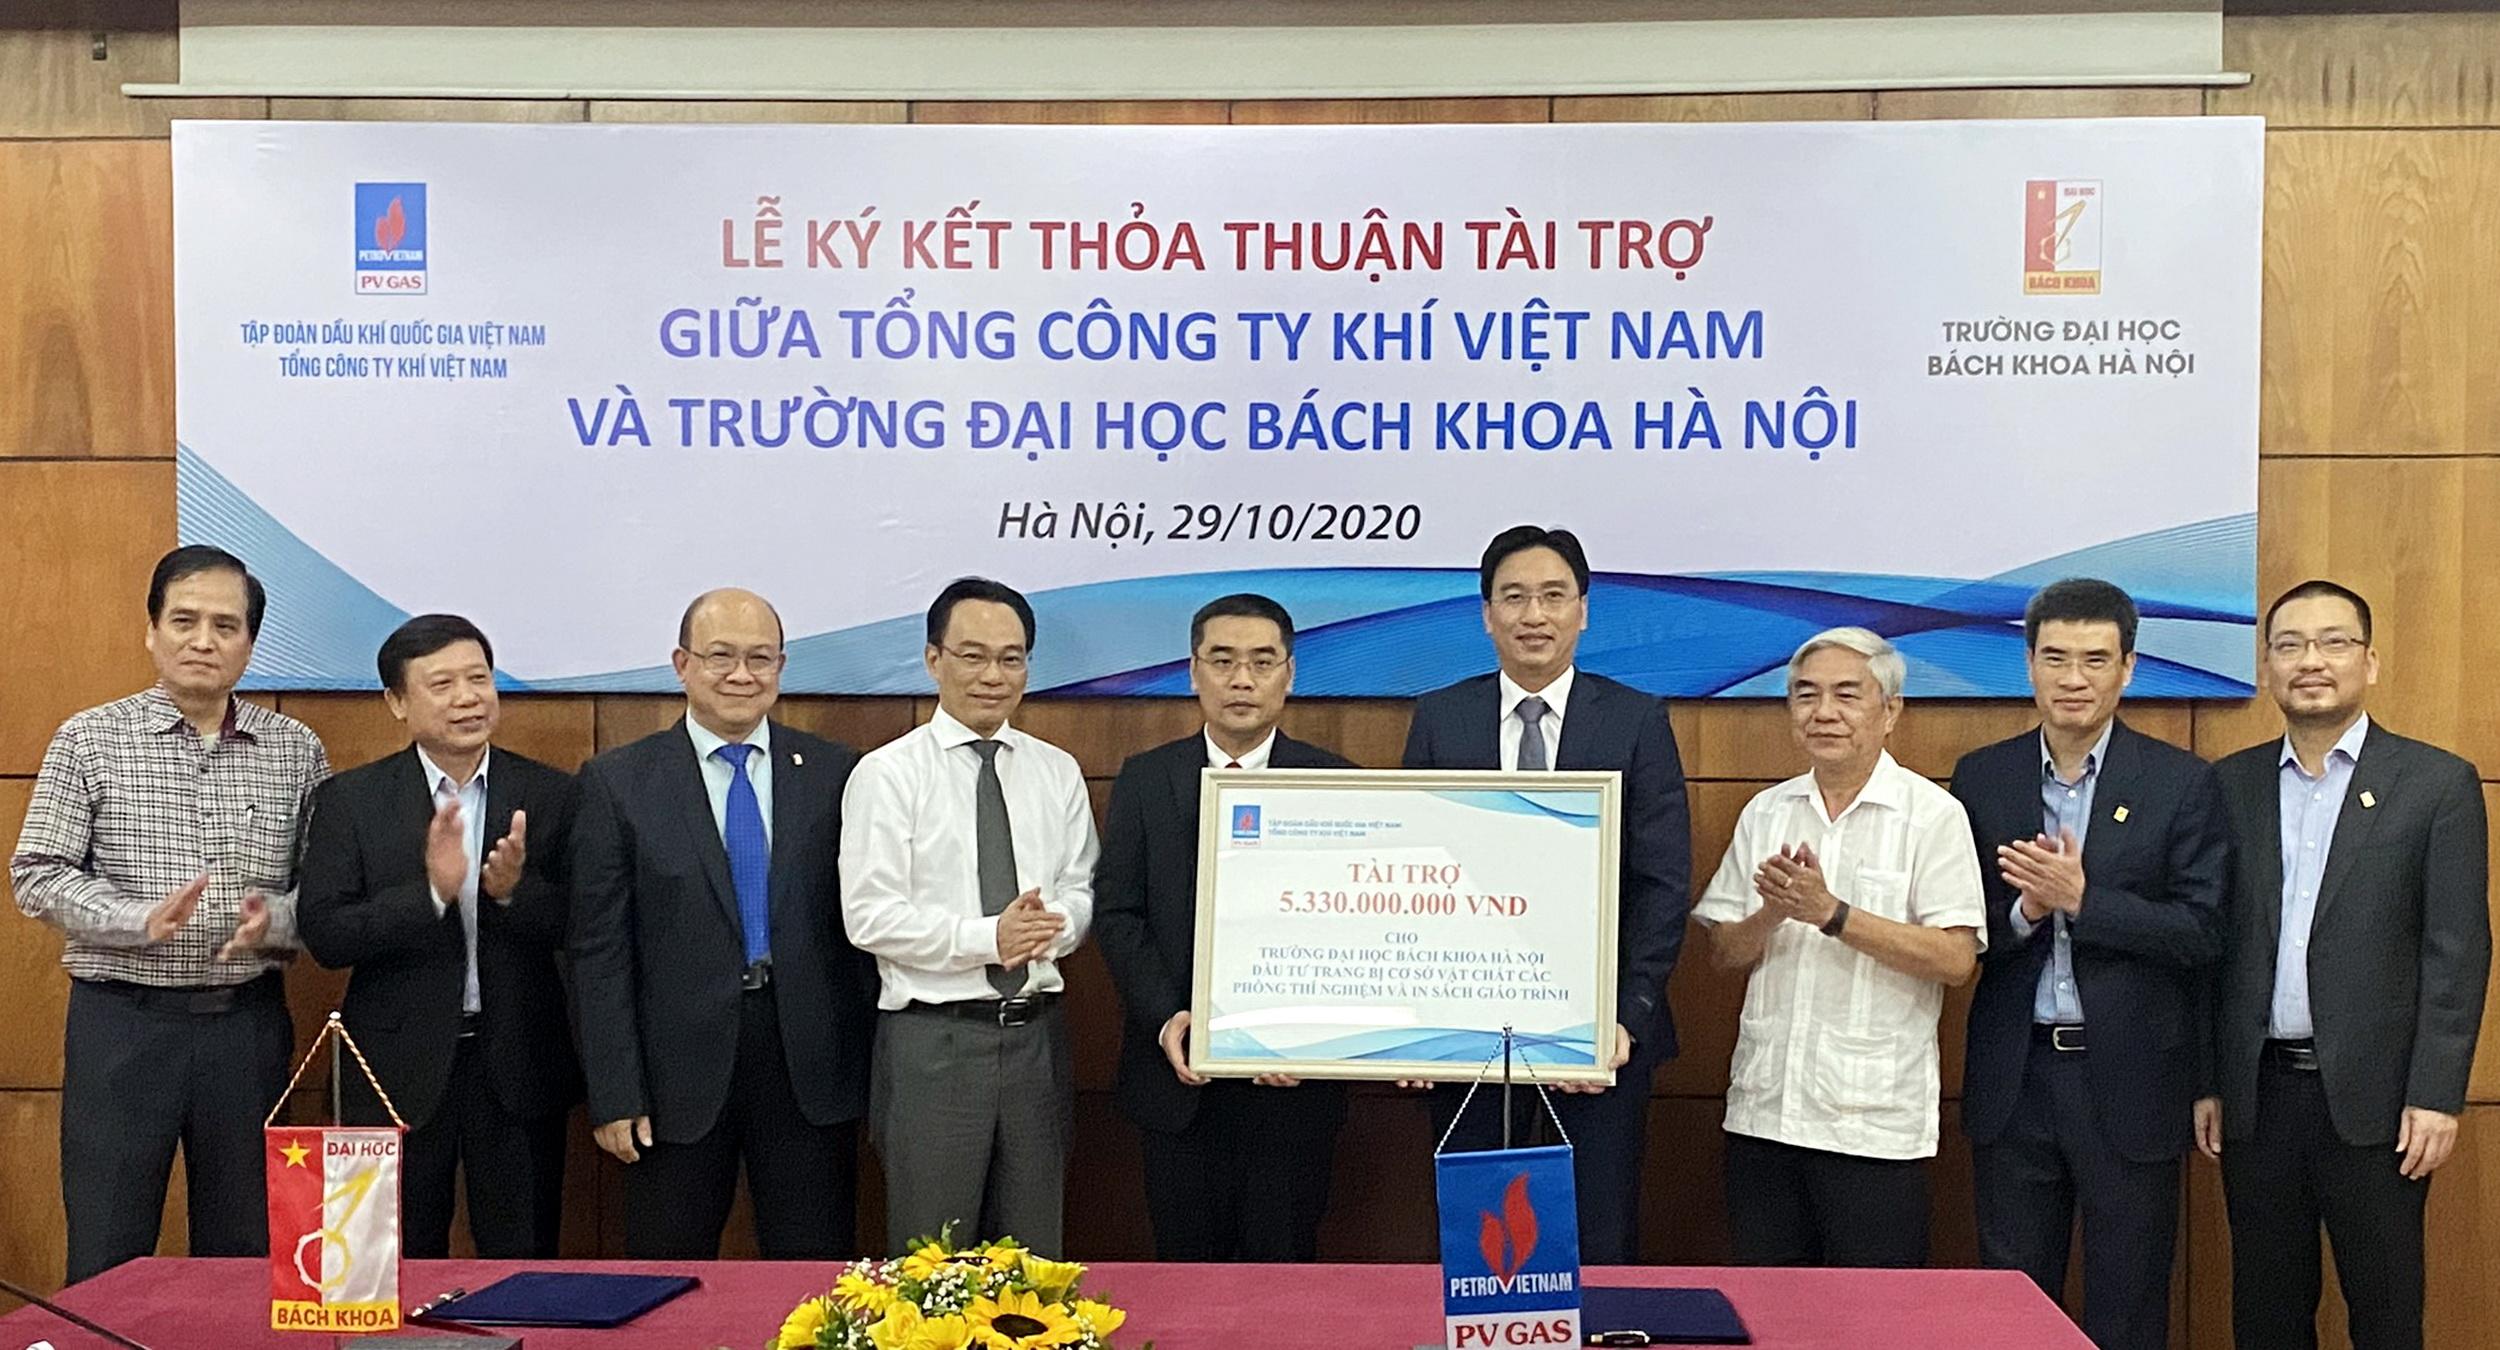 Trao biển chứng nhận tài trợ, phục vụ sự nghiệp đào tạo, phát triển nhân tài của trường Đại học Bách khoa Hà Nội